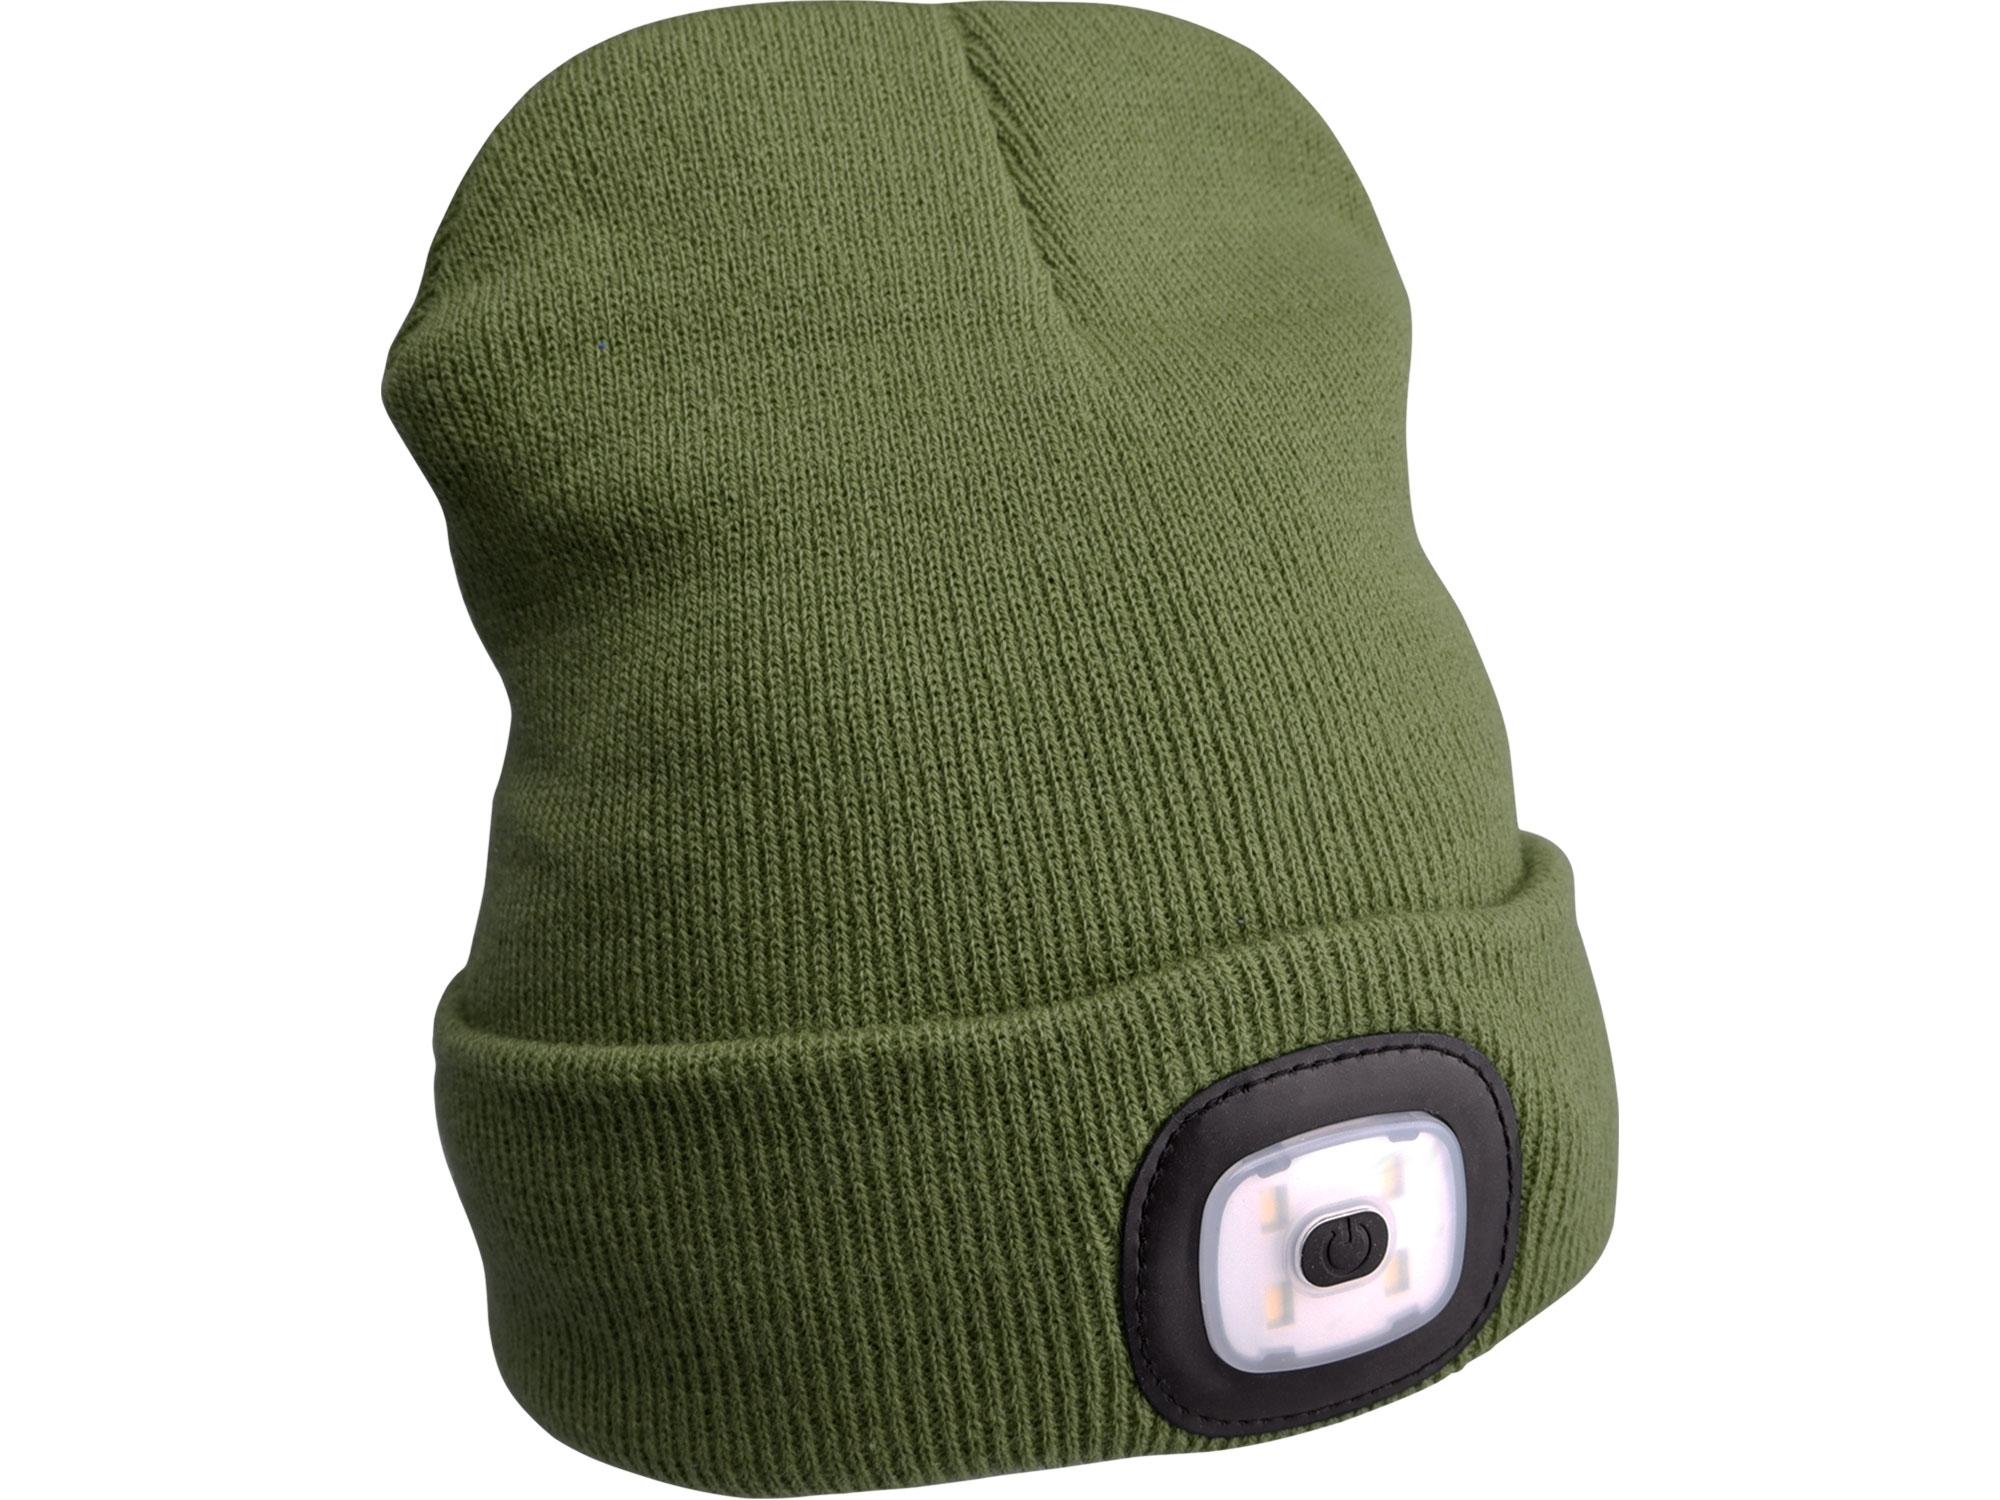 čepice s čelovkou, nabíjecí, USB, zelená, univerzální velikost 43192